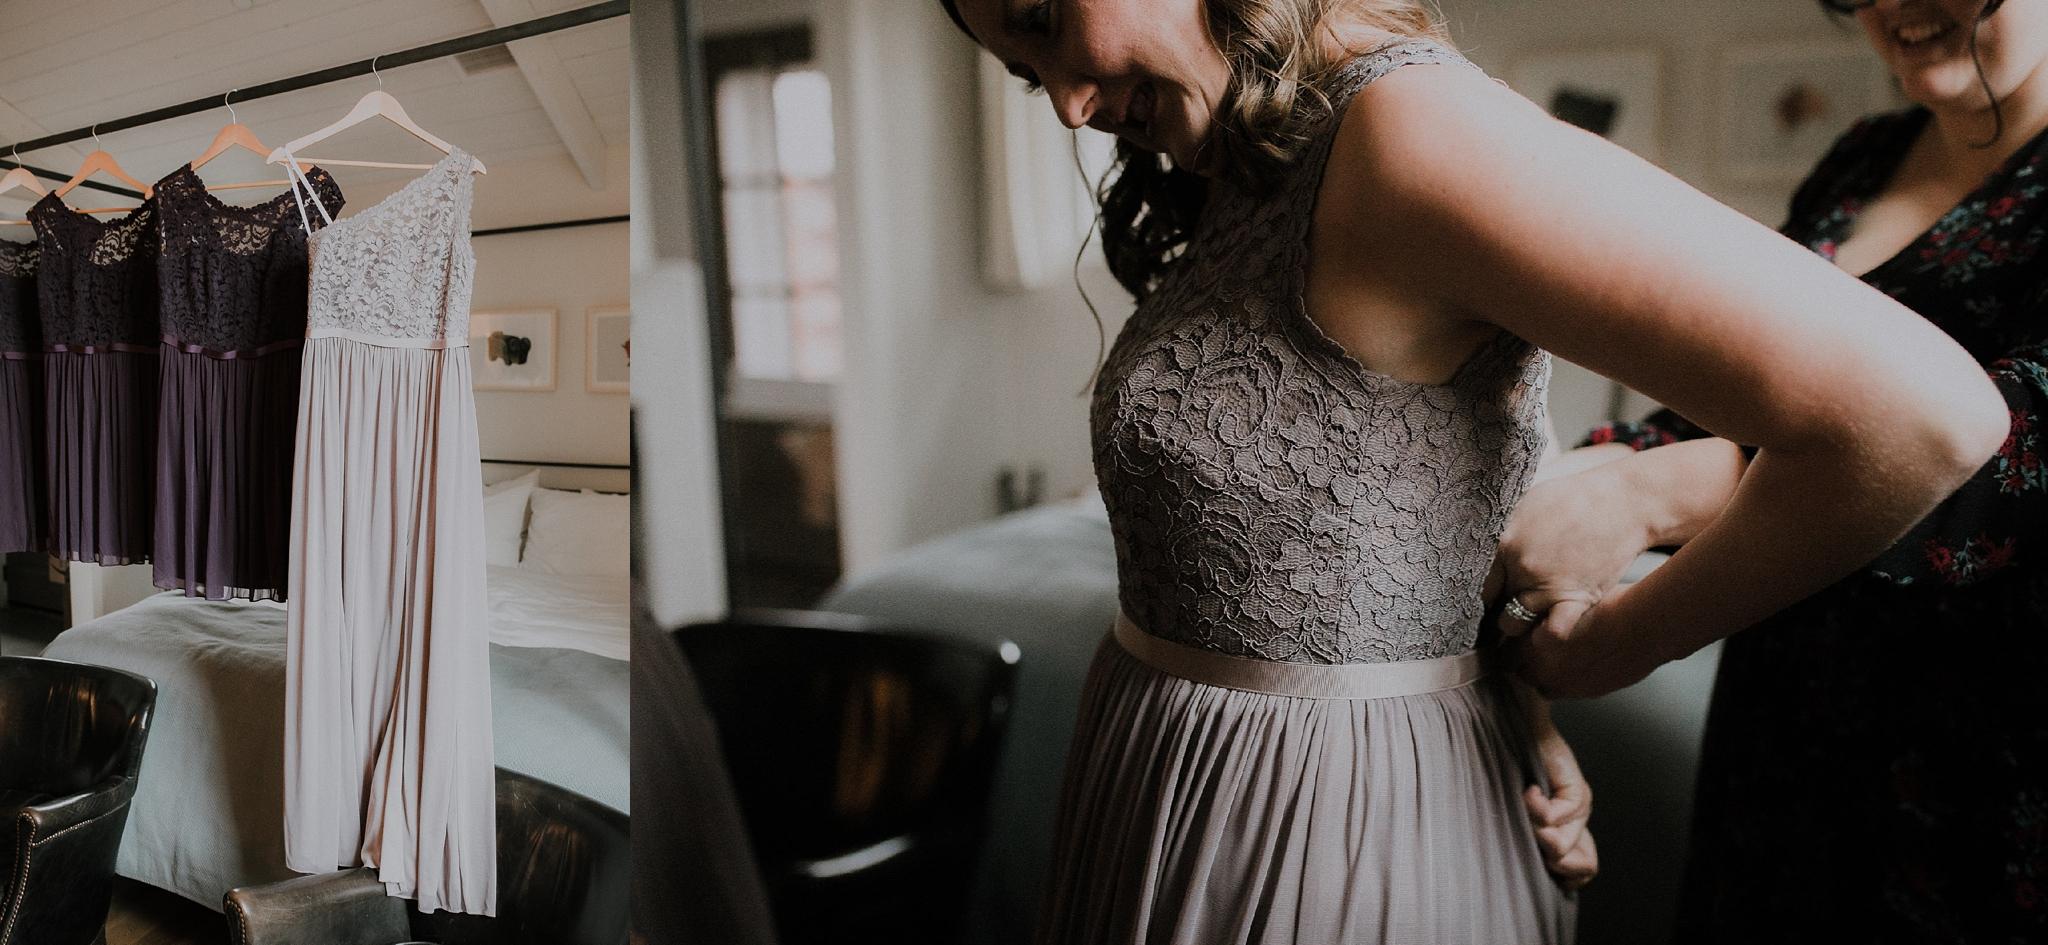 Alicia+lucia+photography+-+albuquerque+wedding+photographer+-+santa+fe+wedding+photography+-+new+mexico+wedding+photographer+-+albuquerque+wedding+-+santa+fe+wedding+-+wedding+gowns+-+non+traditional+wedding+gowns_0048.jpg